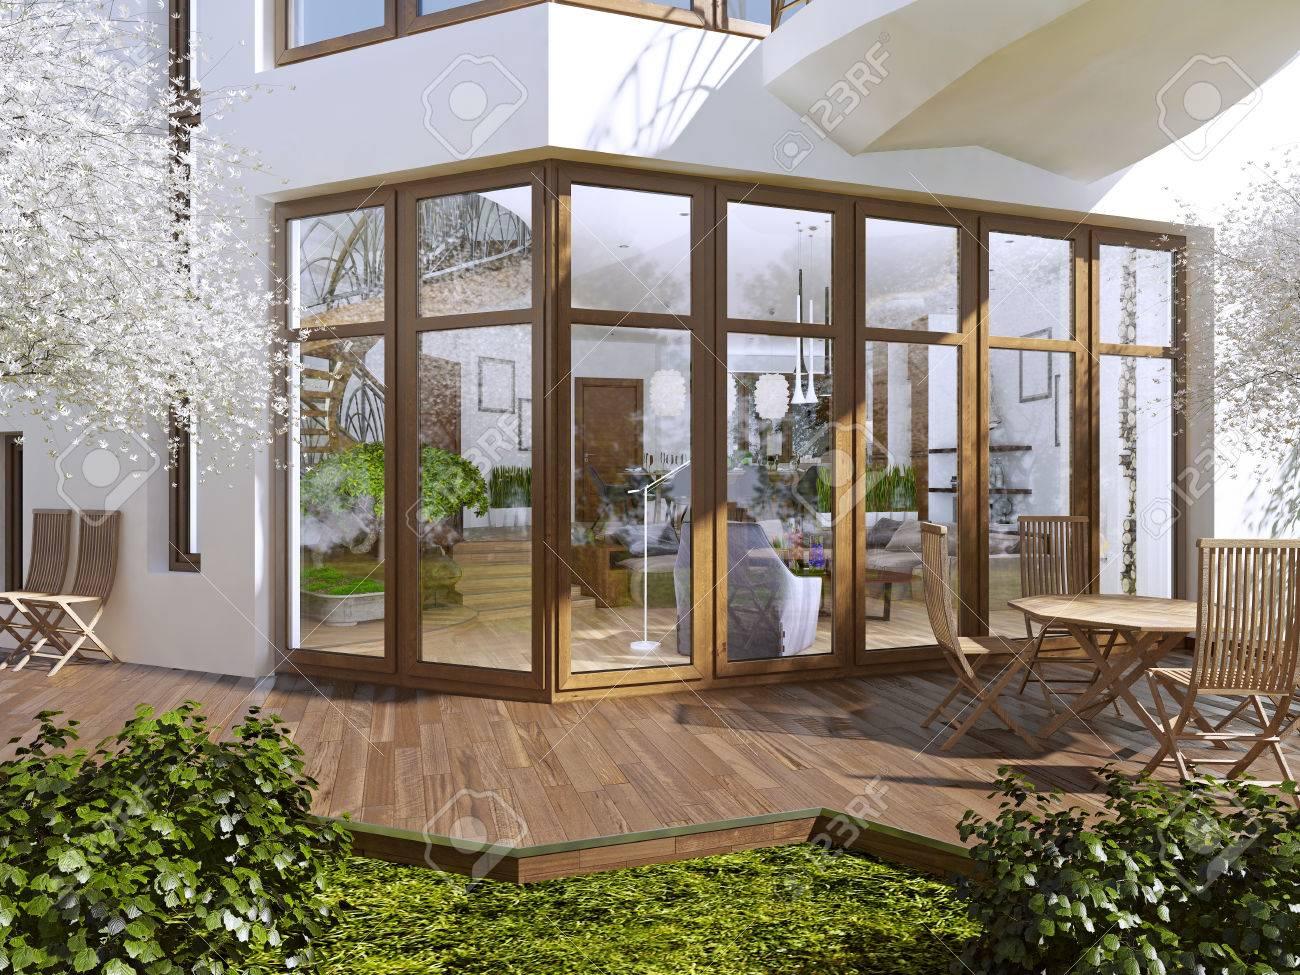 La Terraza De Una Casa Privada Boardwalk Terraza Con Mesa Y Sillas Las Grandes Ventanas Panorámicas Con Vistas Al Jardín Con Terraza Render 3d